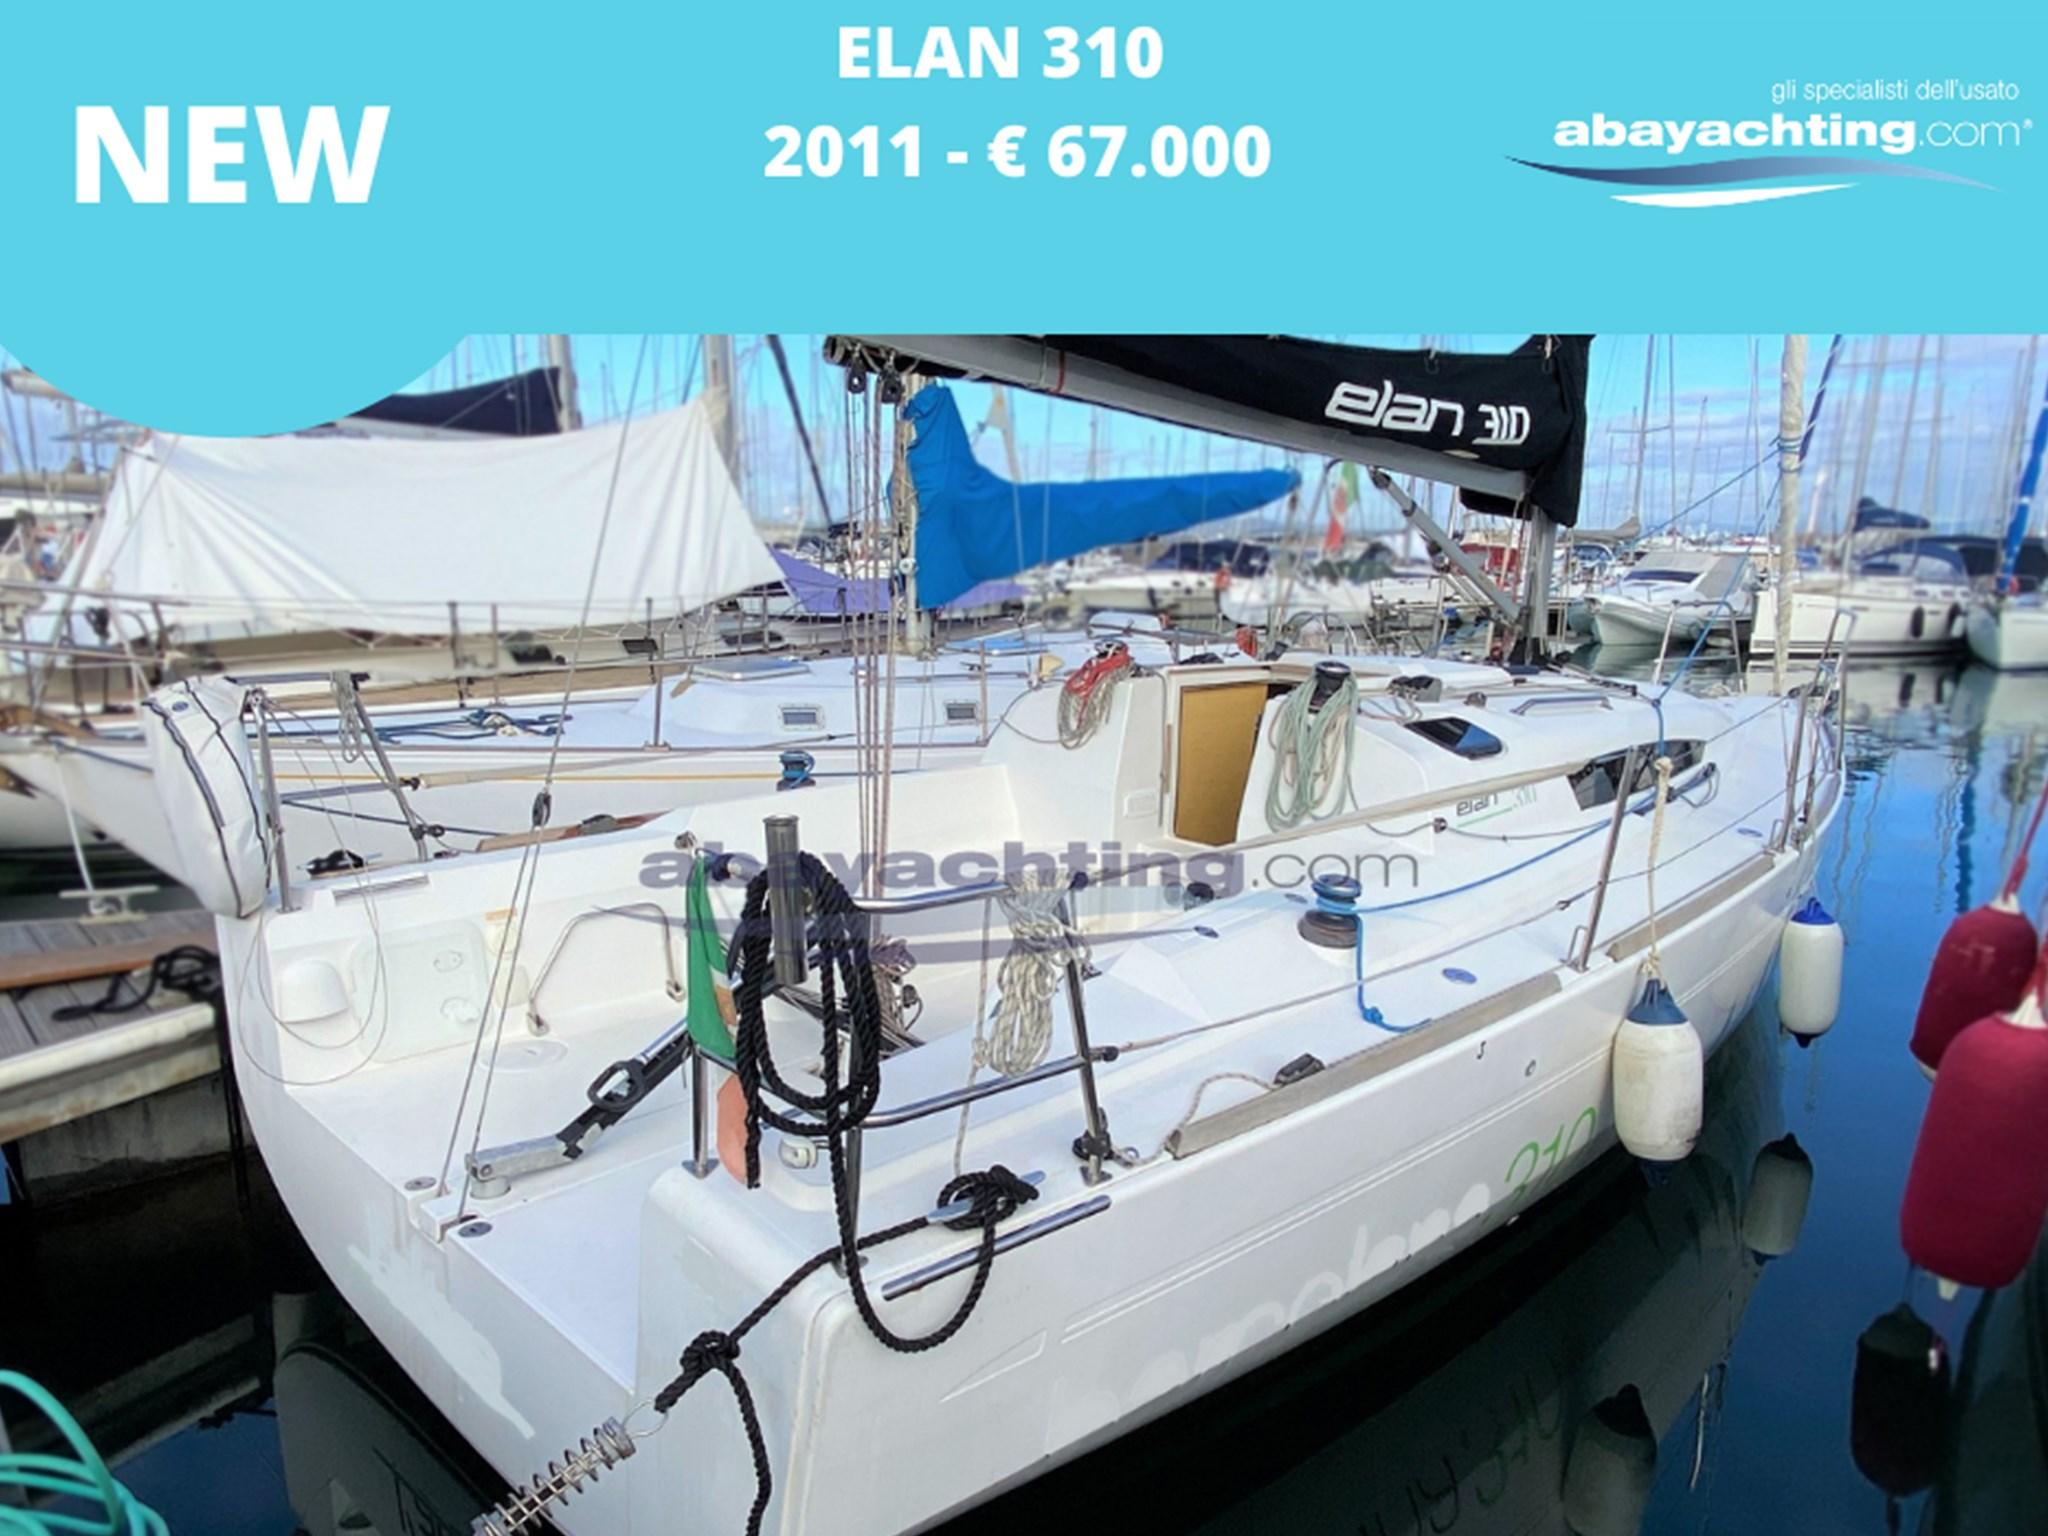 New arrival Elan 310